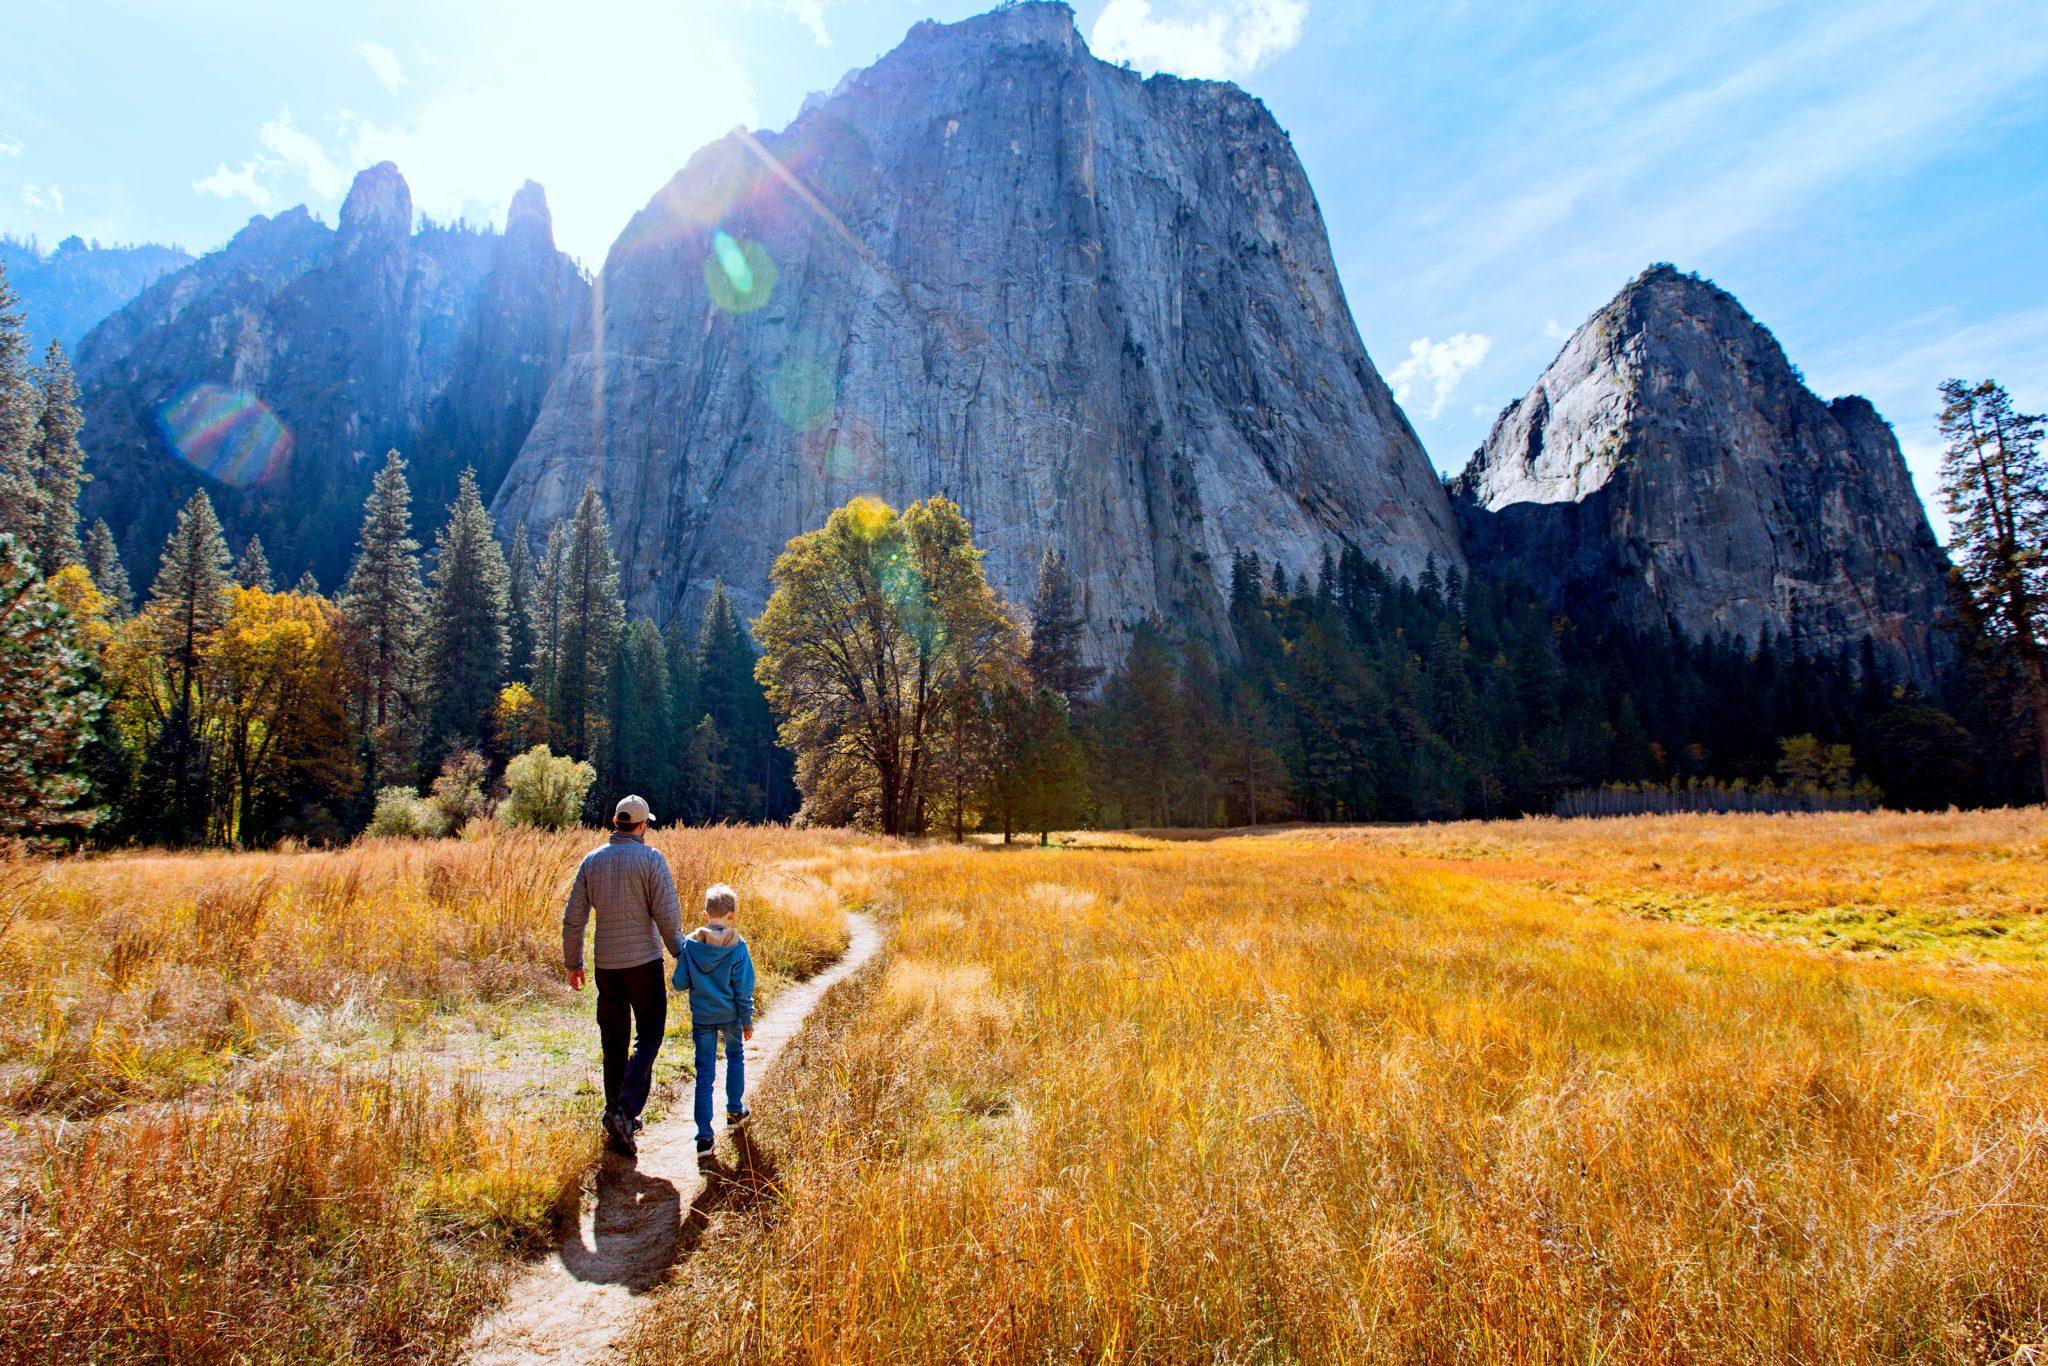 広大な草原の中を散歩している親子